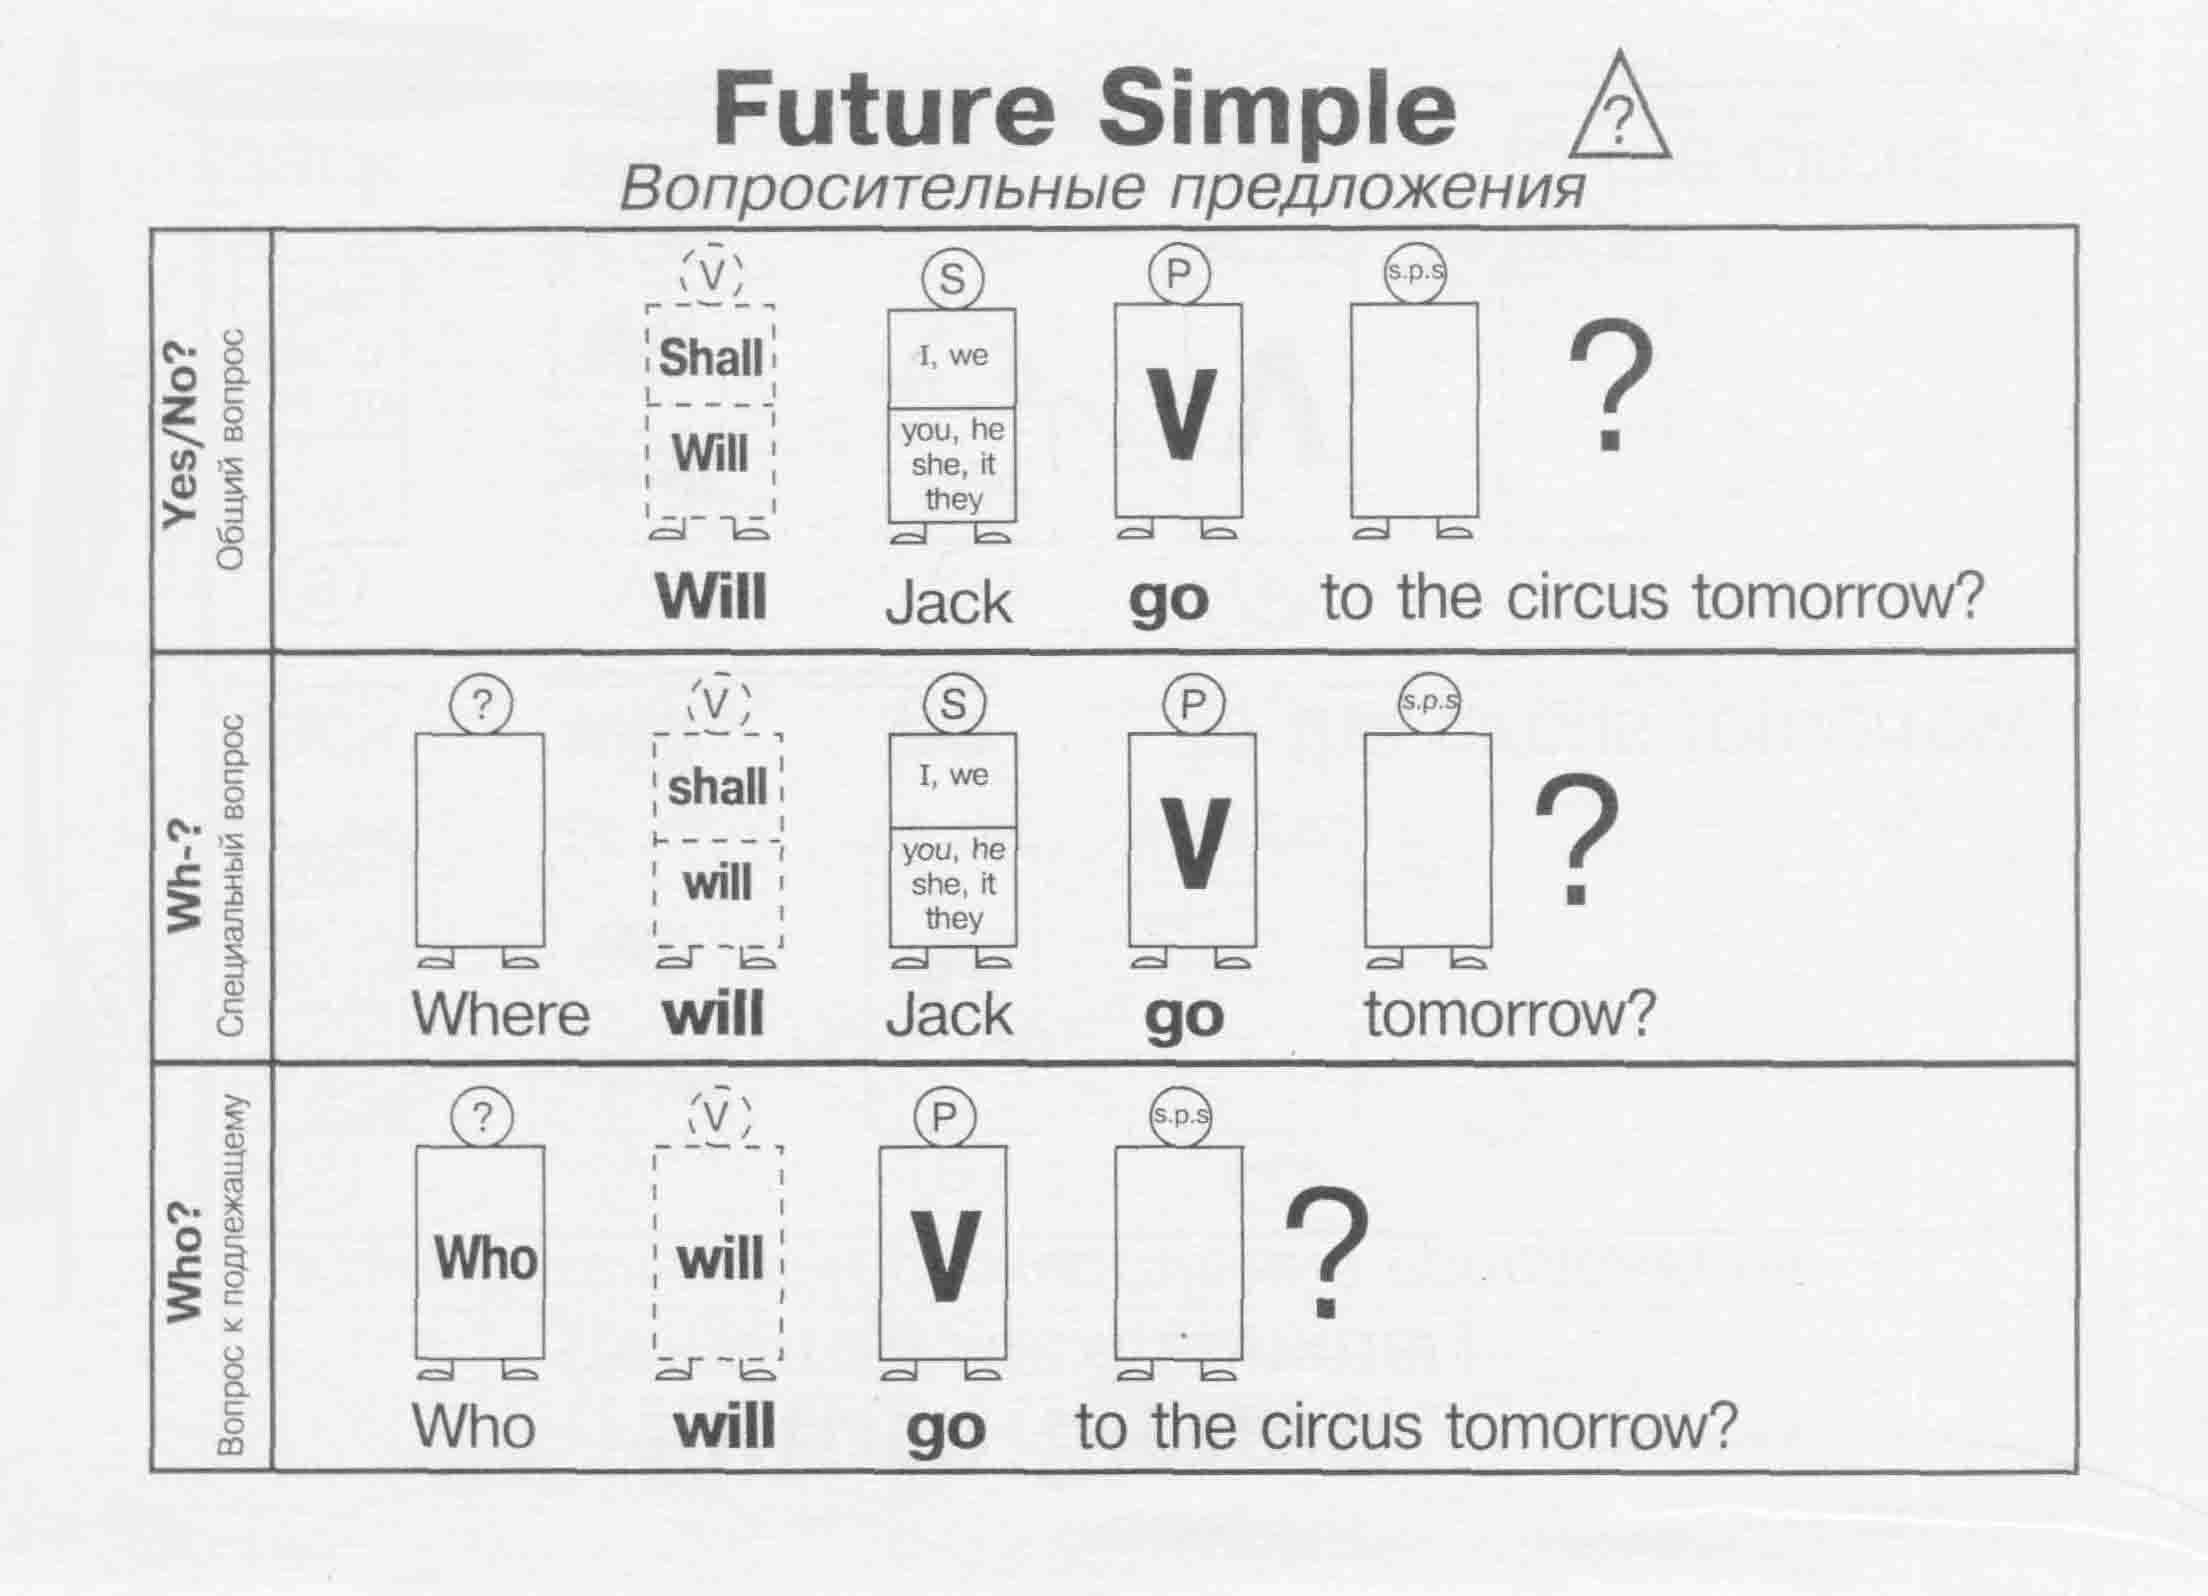 Future Simple (вопросительные предложения) | Грамматика в таблицах ...